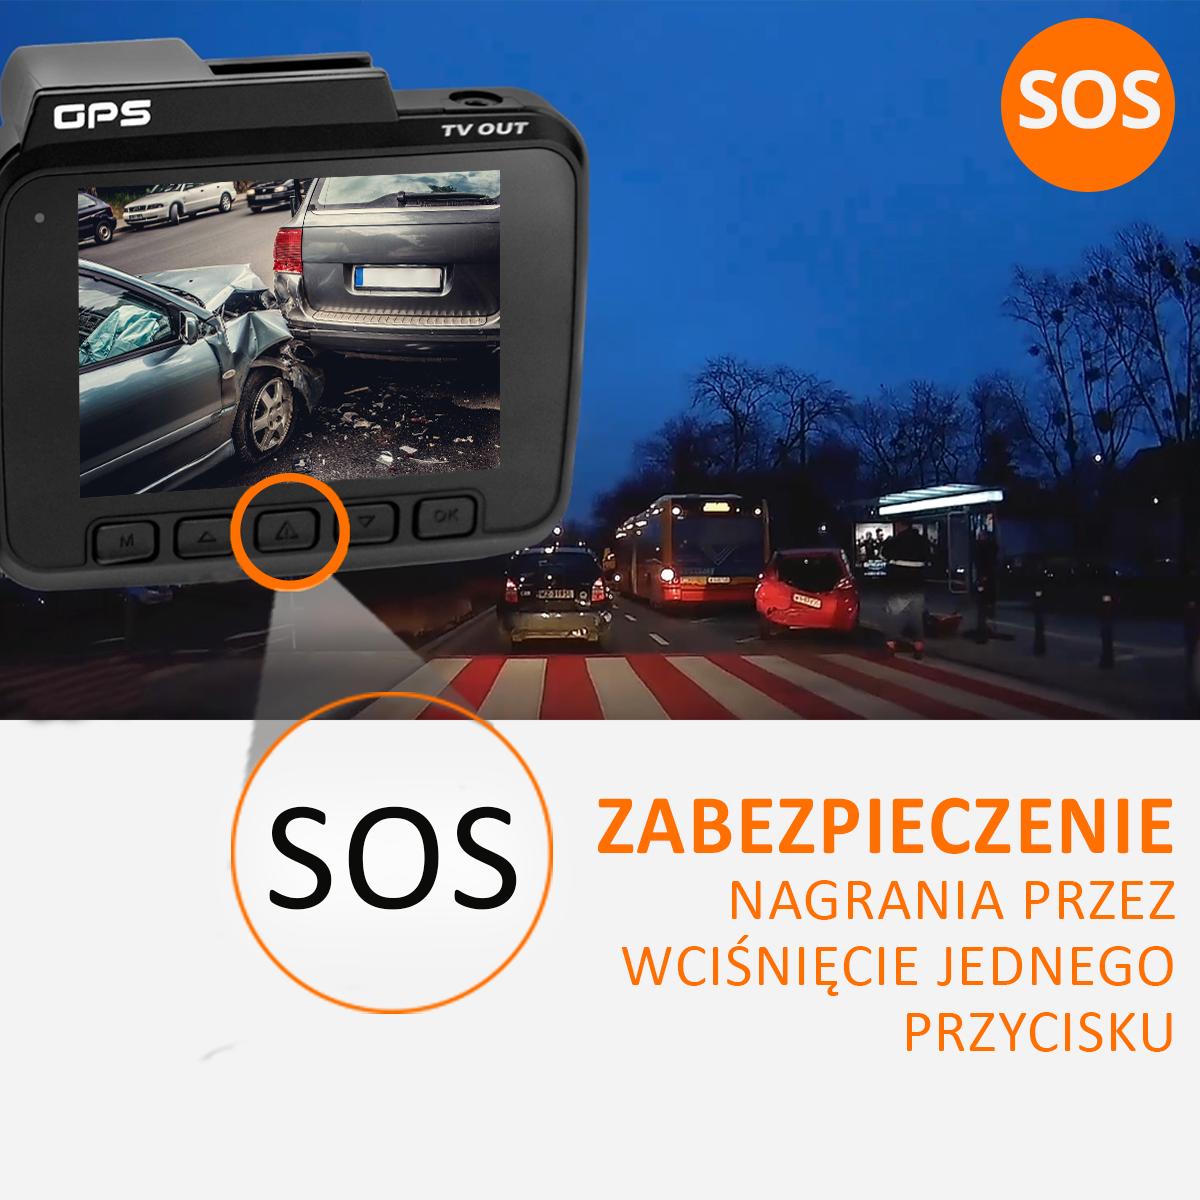 kamera-samochodowa-SOS-orllo-pl